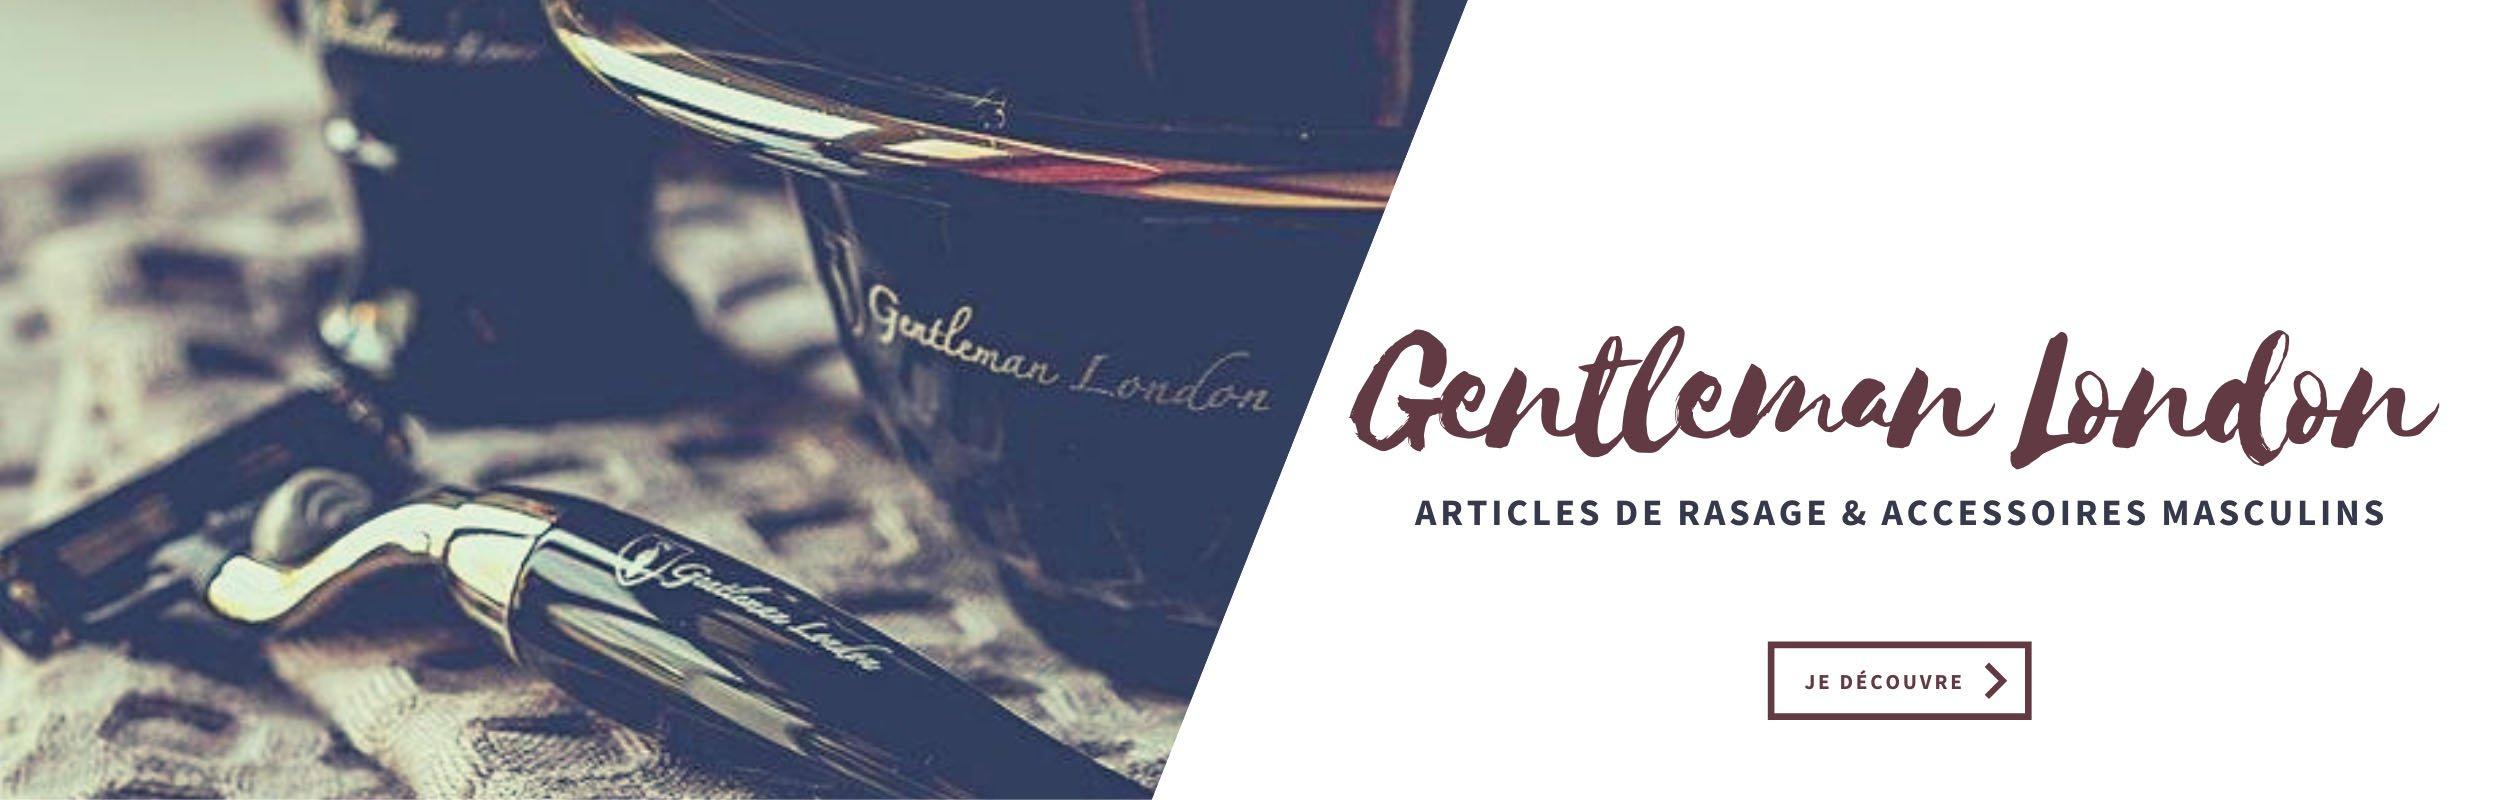 Se raser comme un Gentleman - Articles de rasage Gentleman London - rasoirs, blaireaux, bols à raser, accessoires de rasage